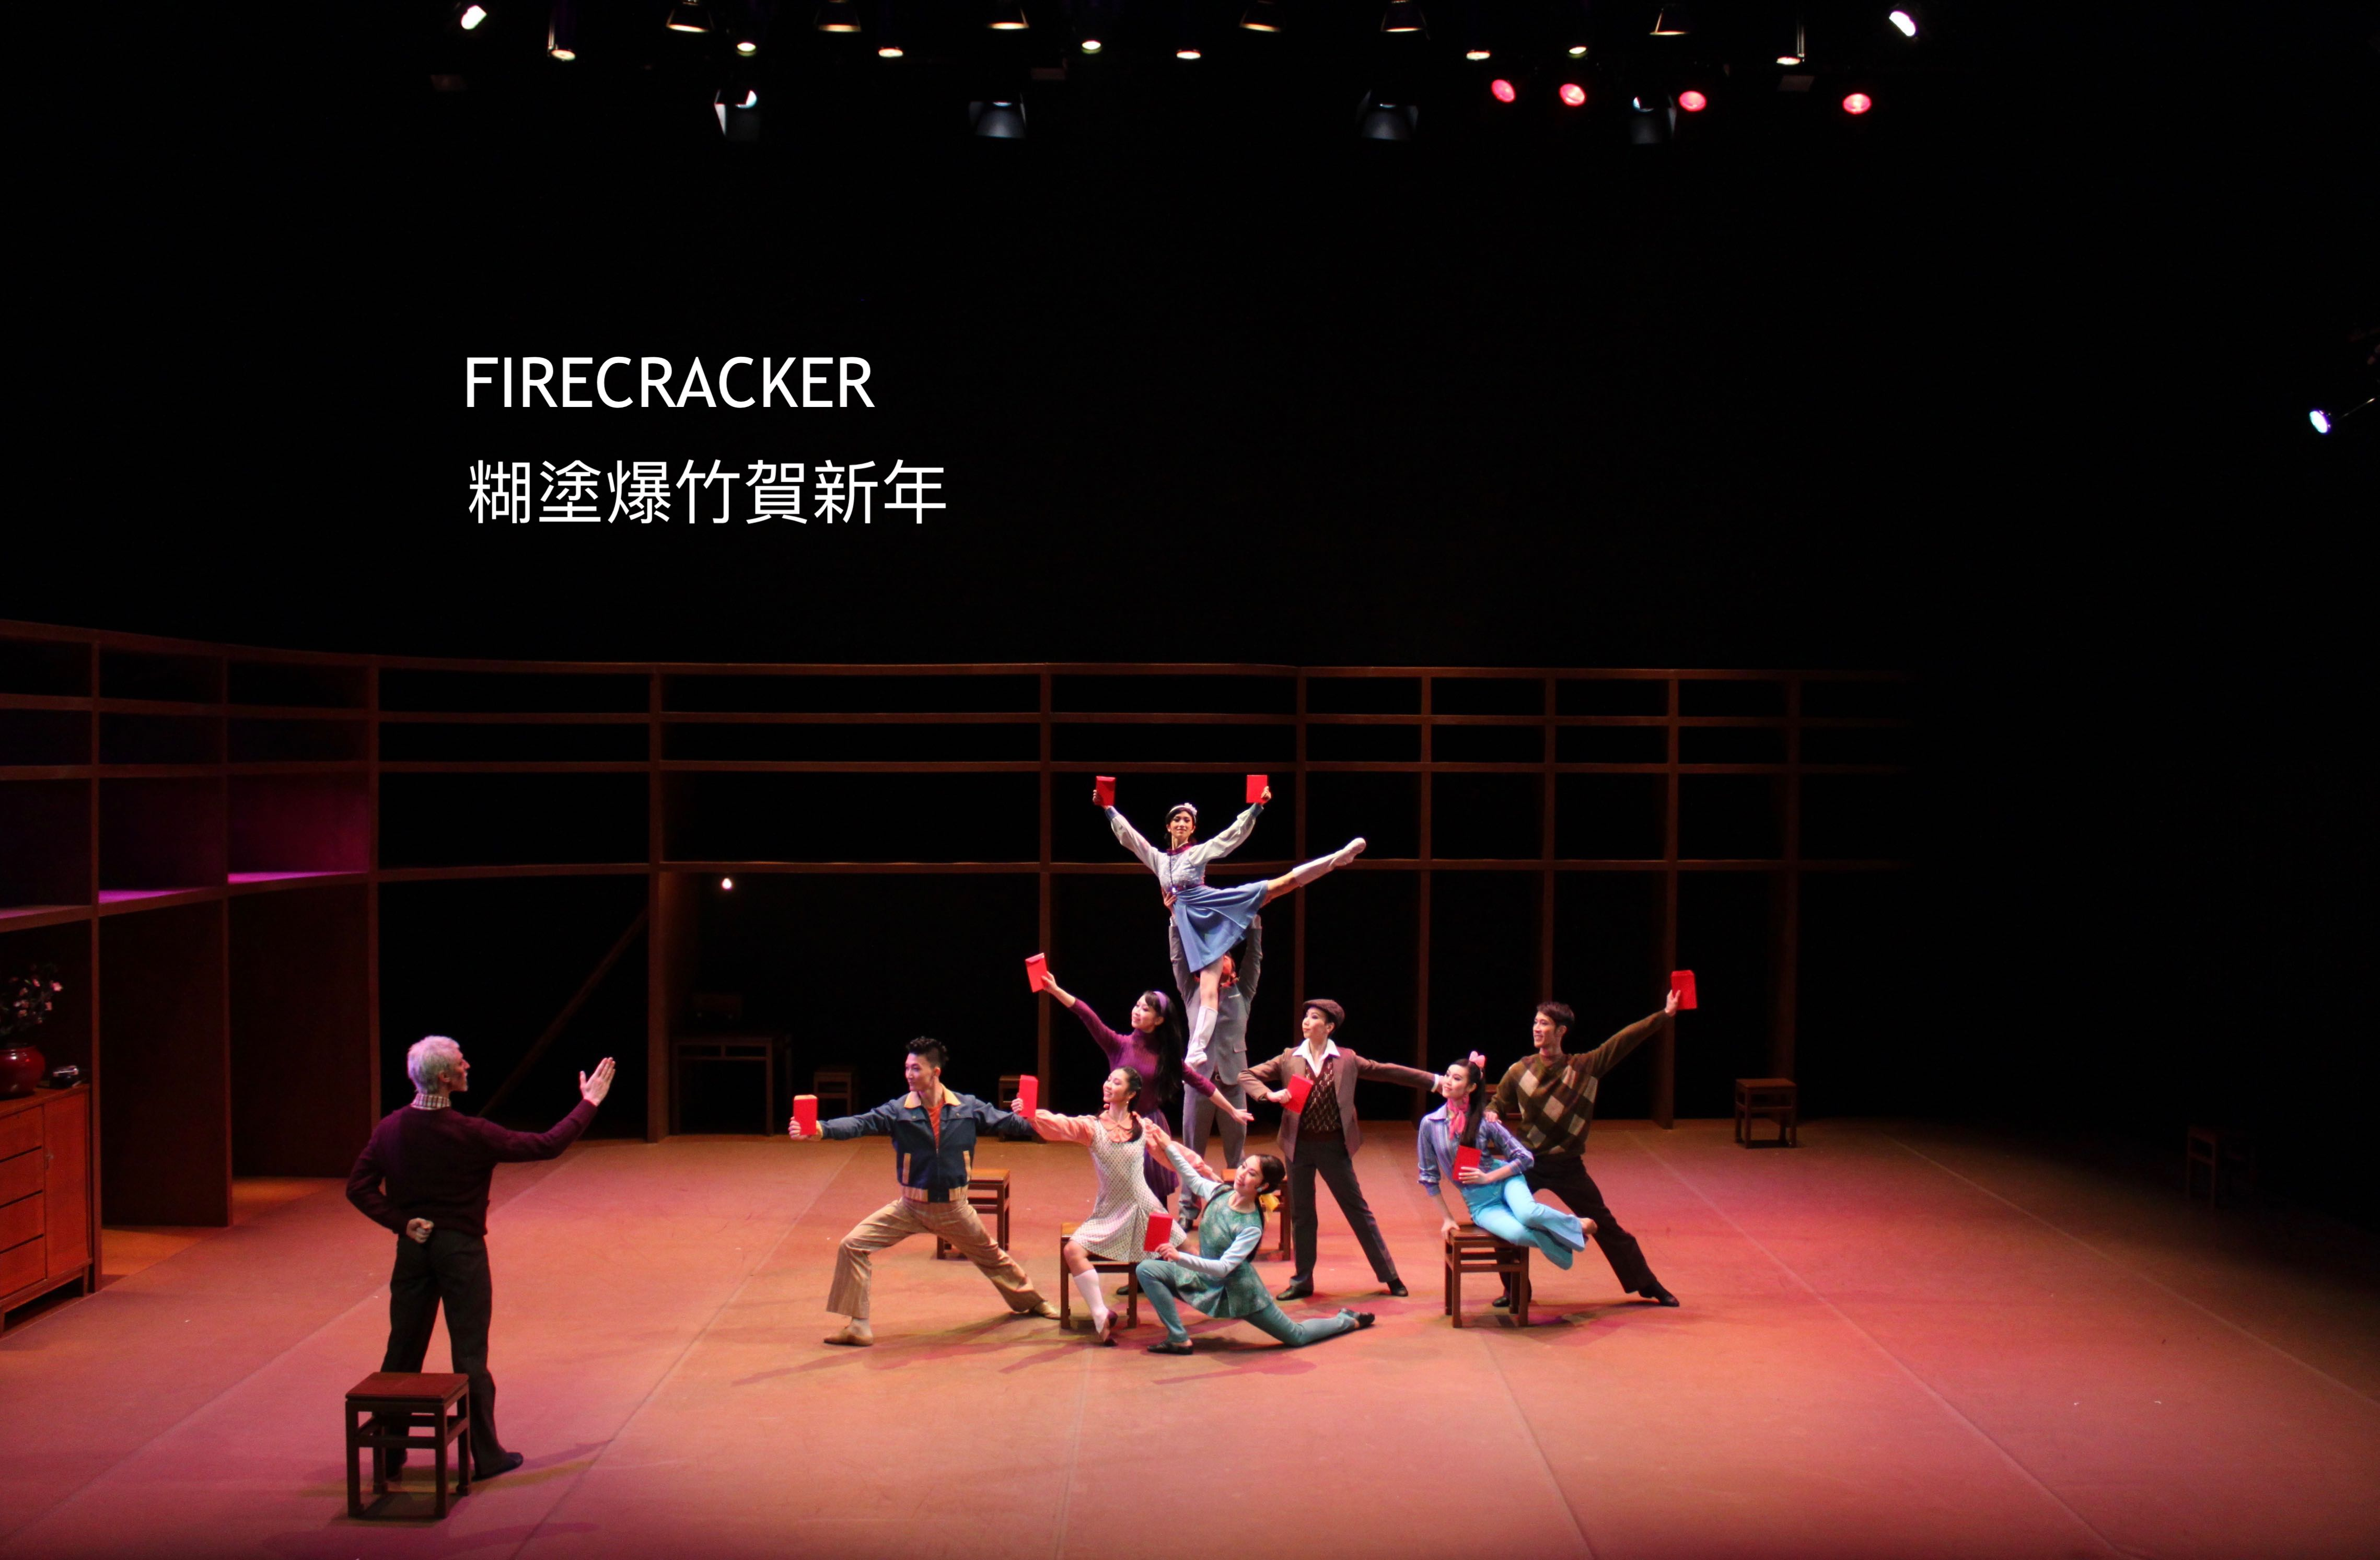 Firecracker_MACAU_texted